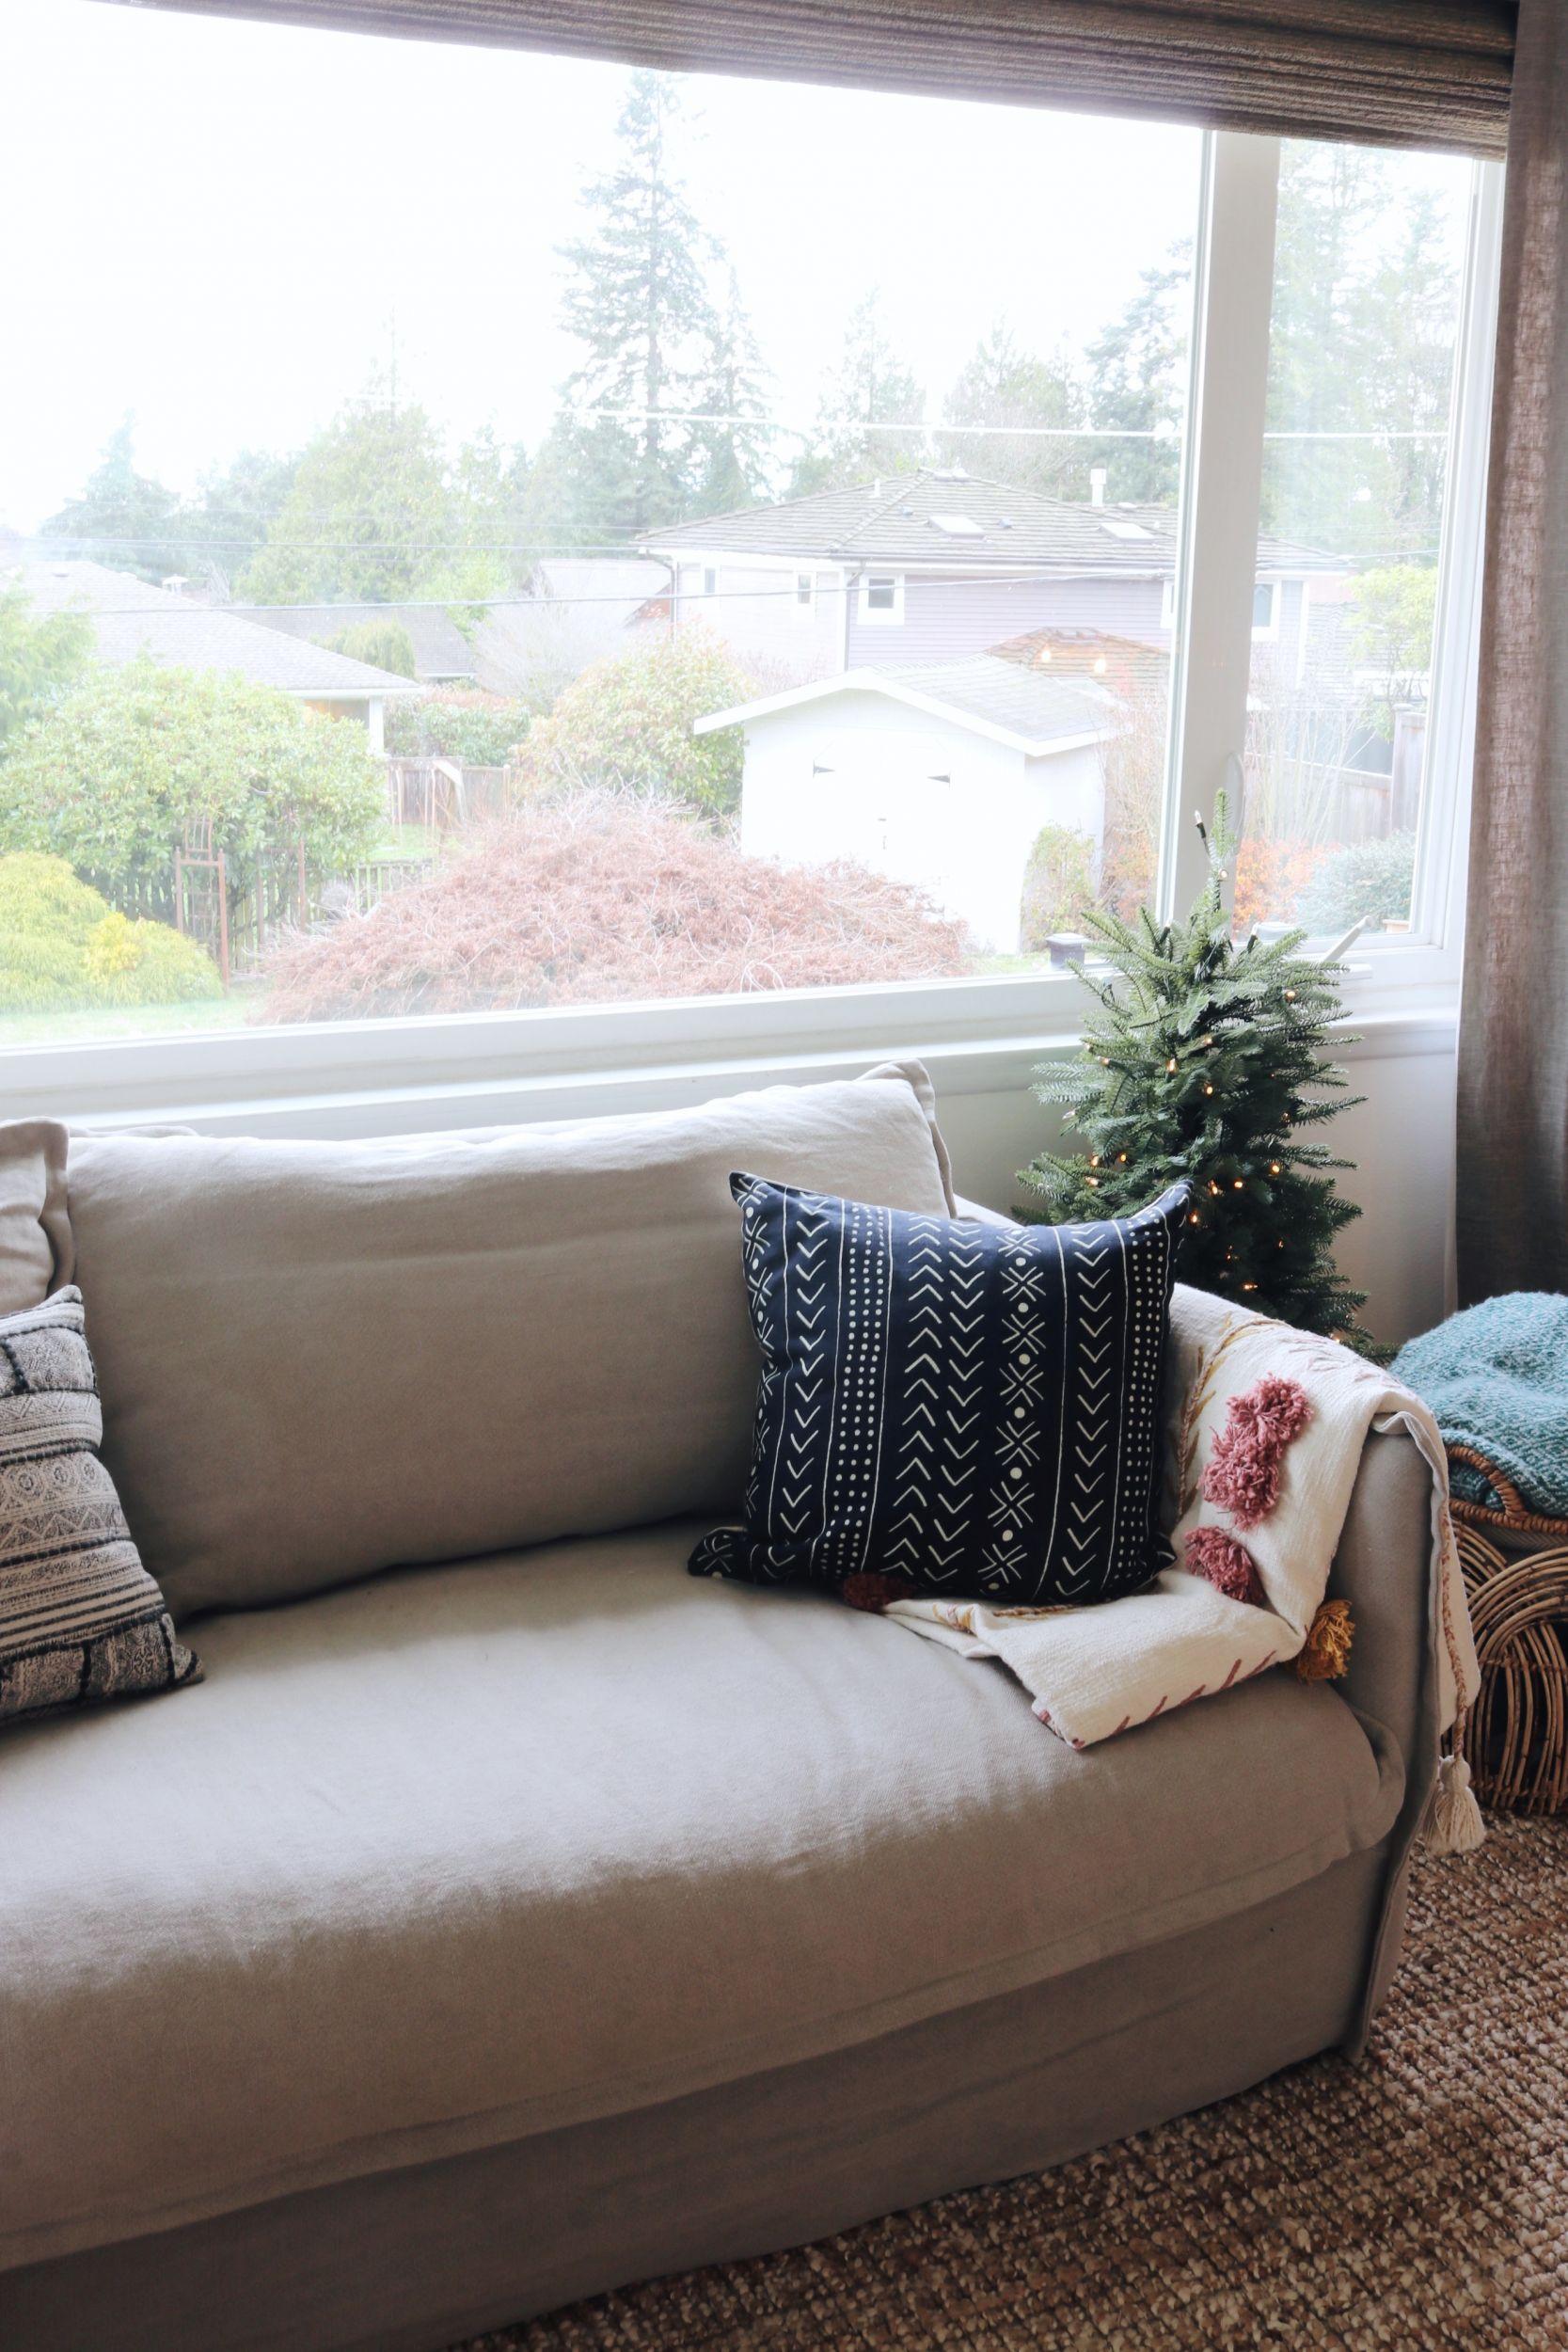 New Linen Slipcovered Sofa in the Living Room!